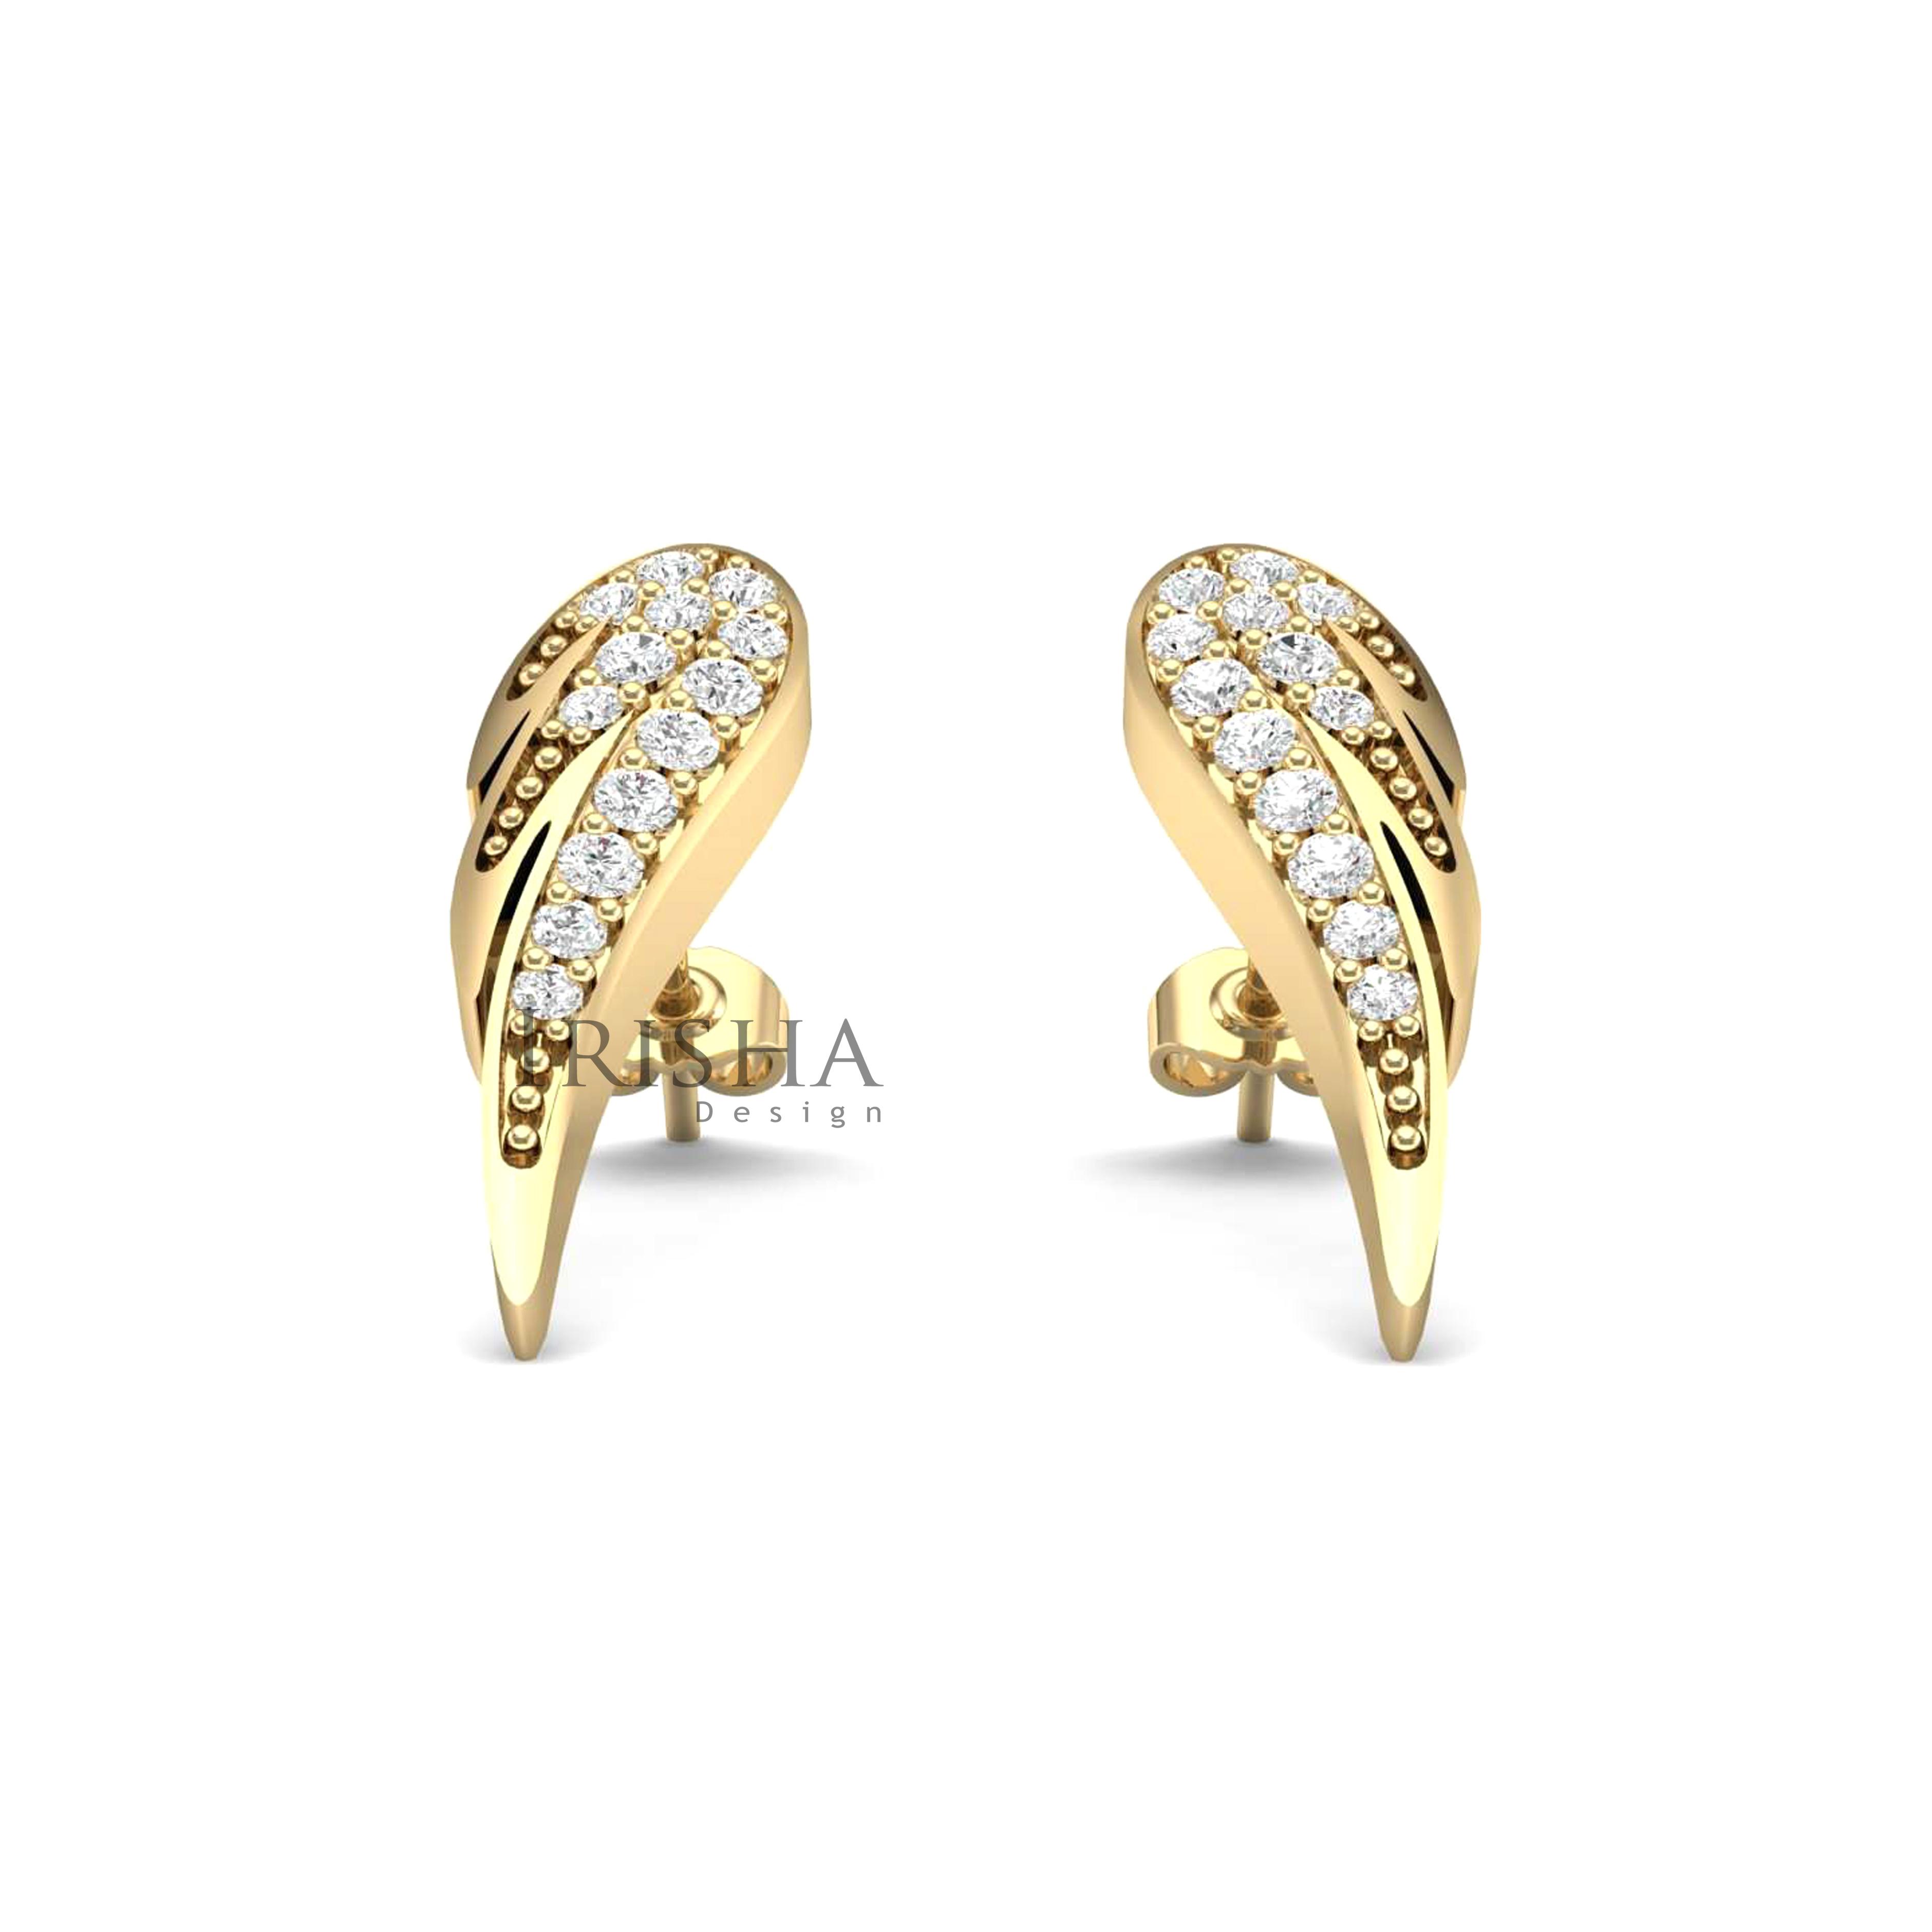 14K Gold 0.18 Ct. Genuine Diamond Angel's Wing Studs Earrings Fine Jewelry